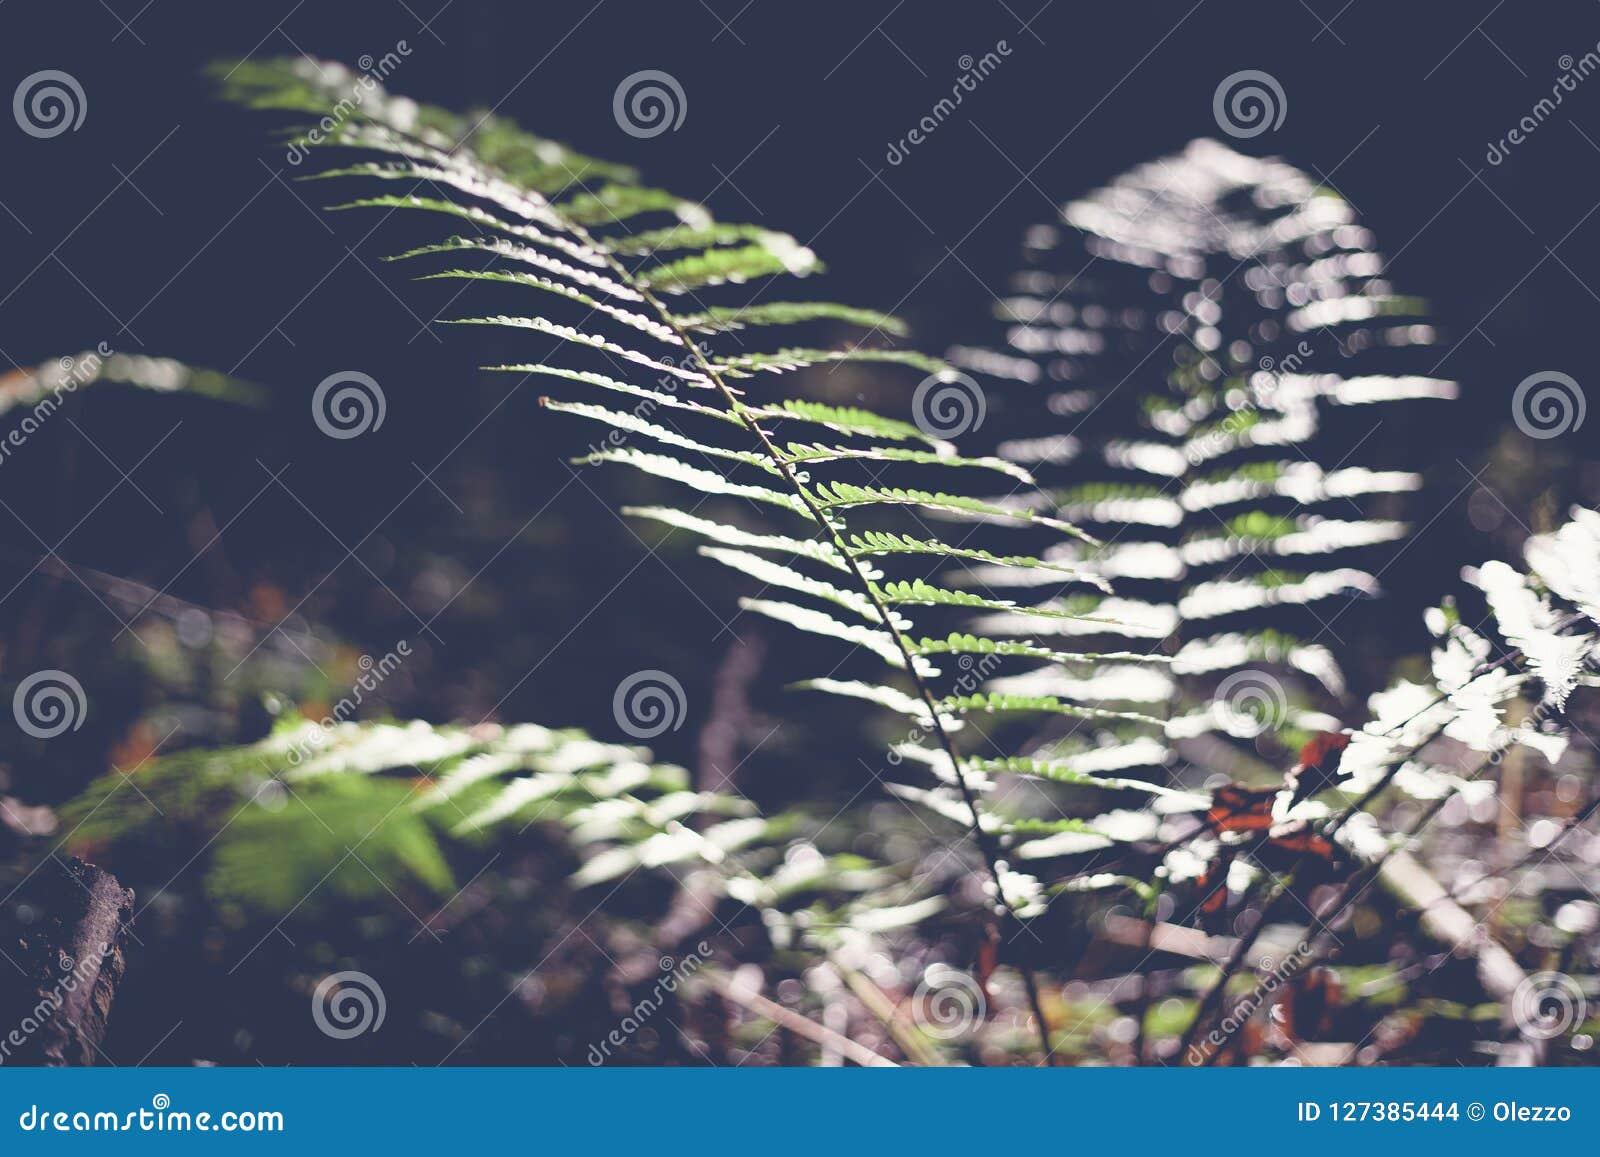 Helecho verde de la hoja, fondo natural abstracto y textura en oscuridad